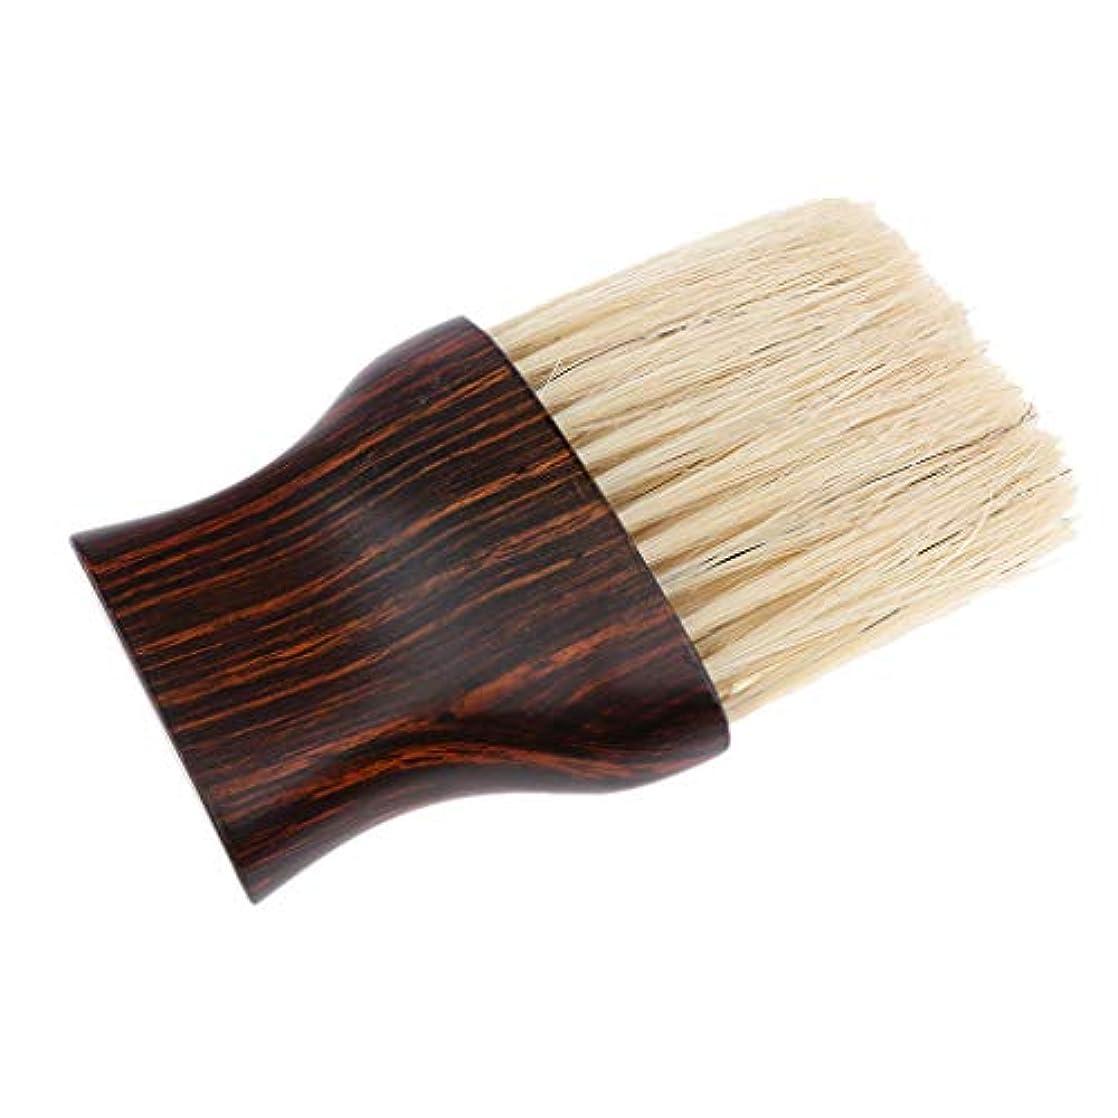 常習的油カルシウムSharplace 理髪 ネック フェイス ダスターブラシ ヘアカット ヘアブラシ プロ ヘアサロン